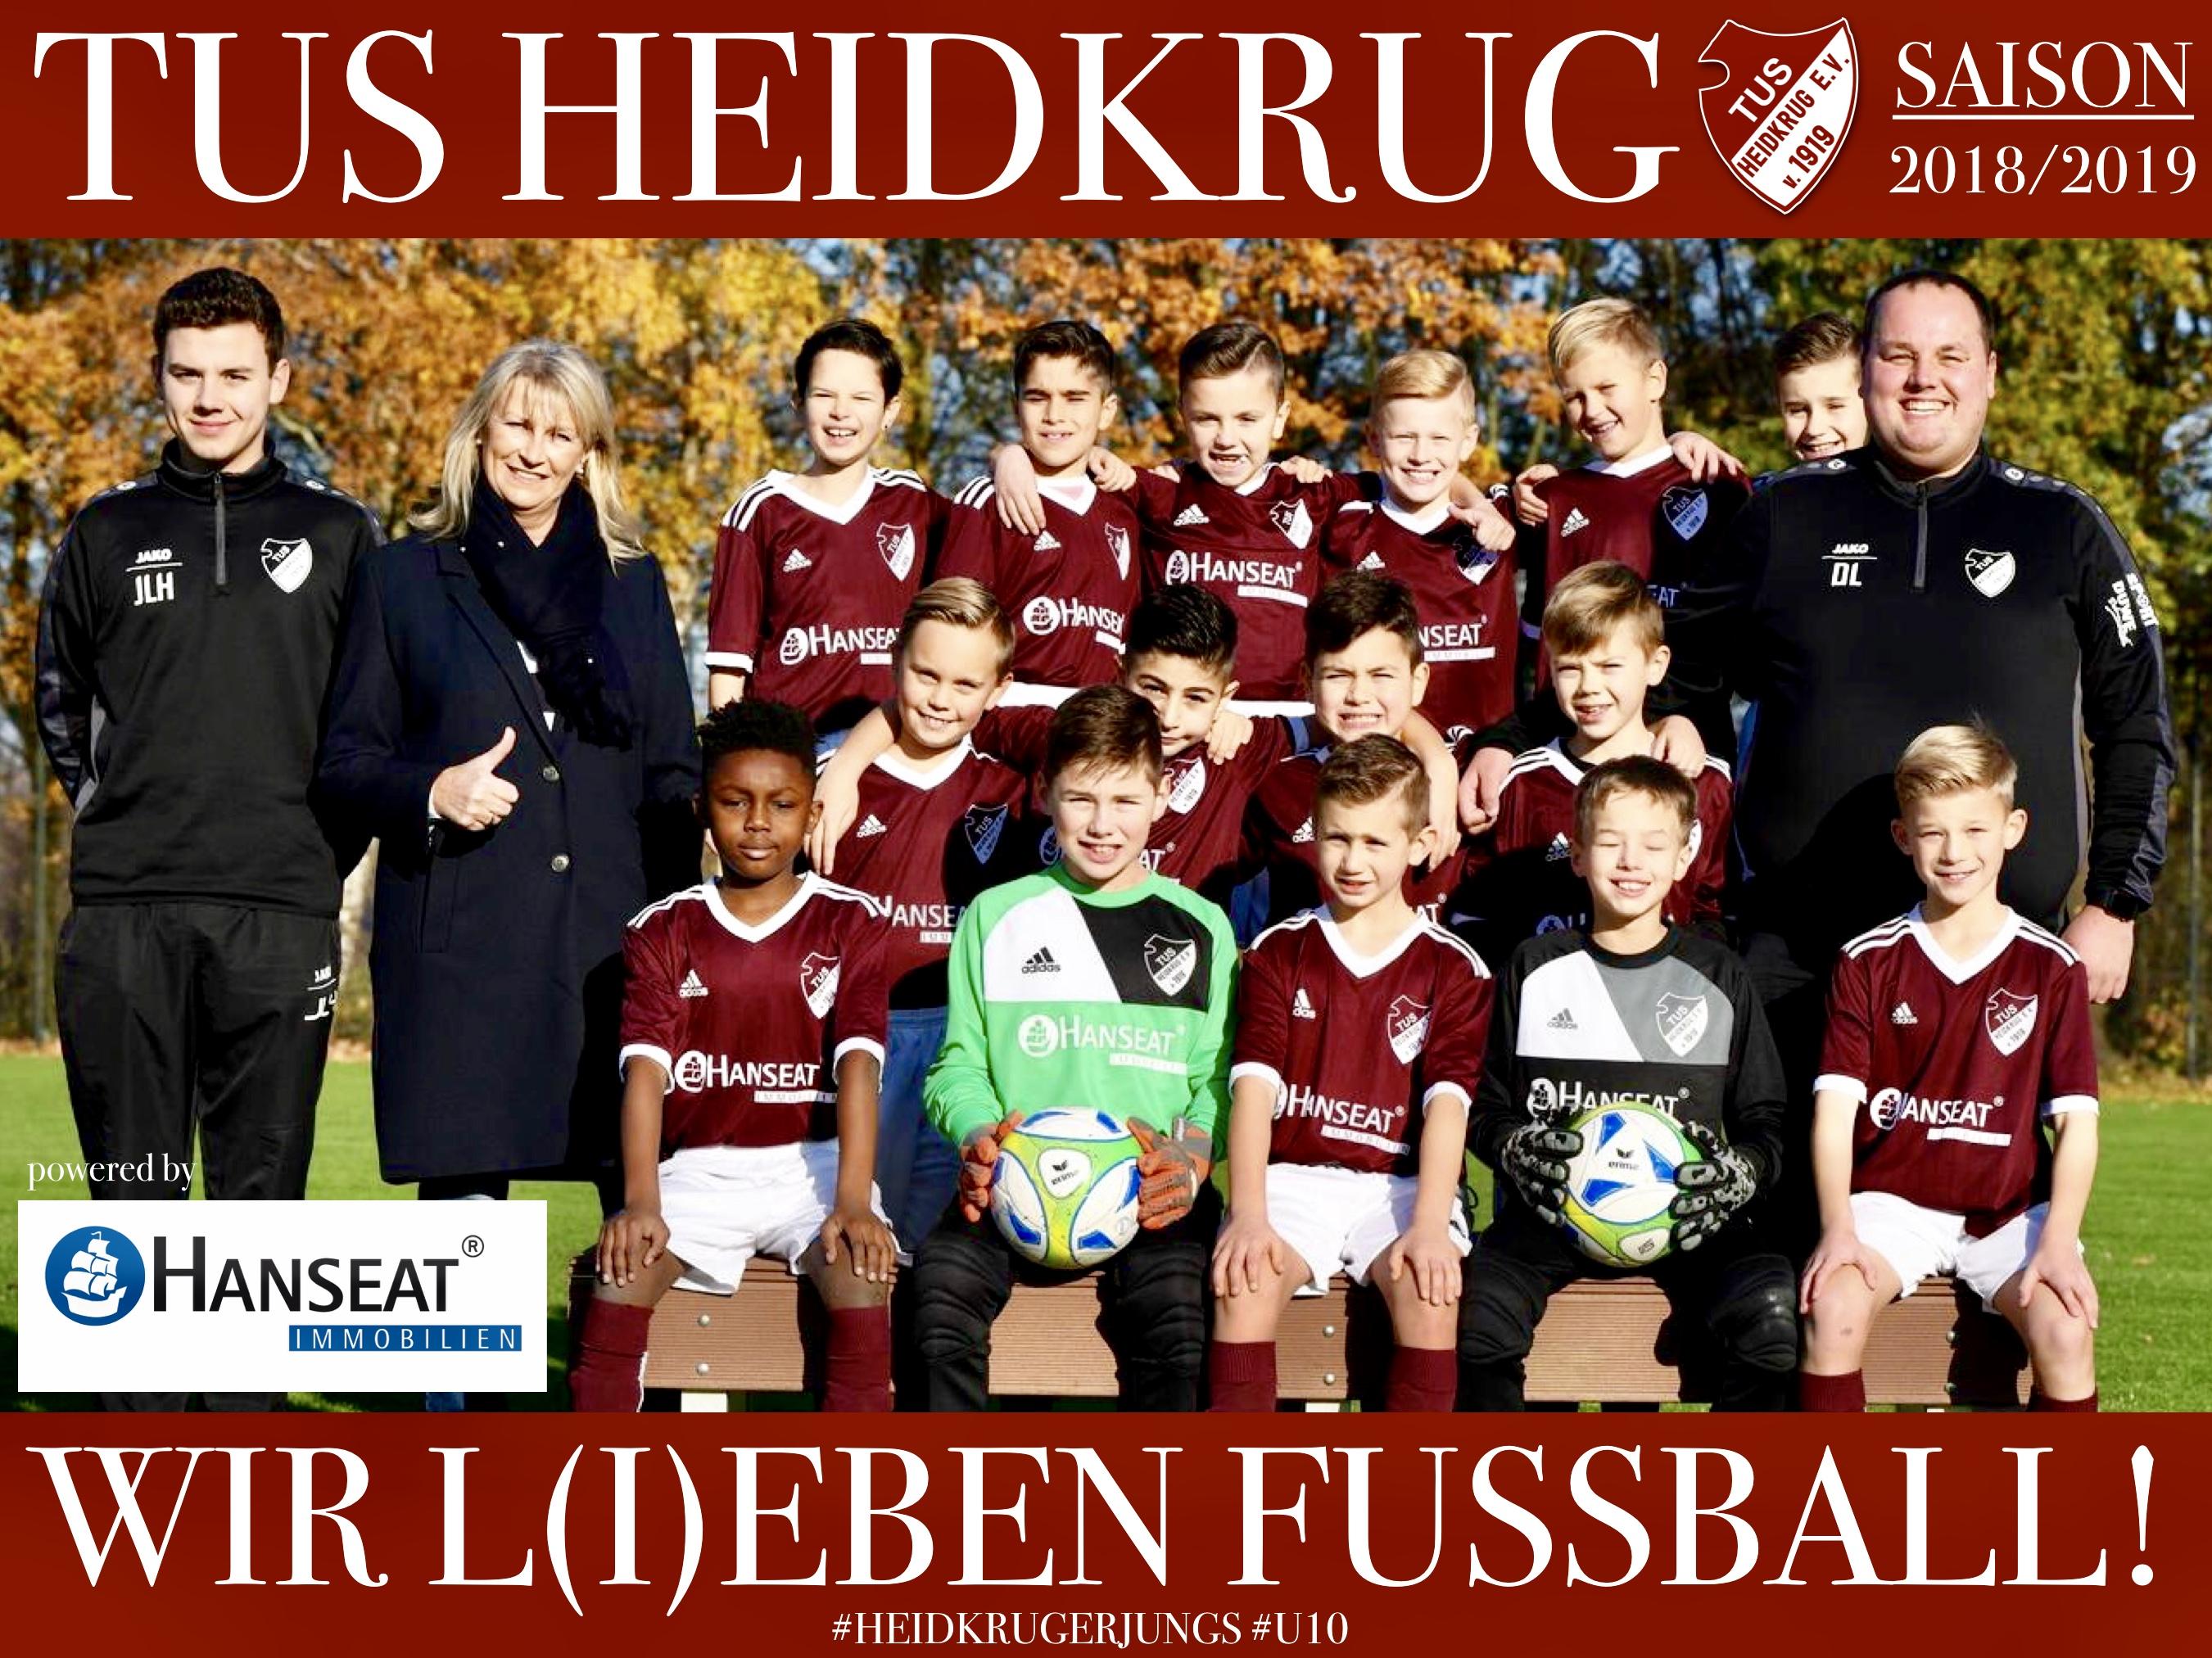 Hanseat Immobilien Delmenhorst : blog tus heidkrug ~ Frokenaadalensverden.com Haus und Dekorationen